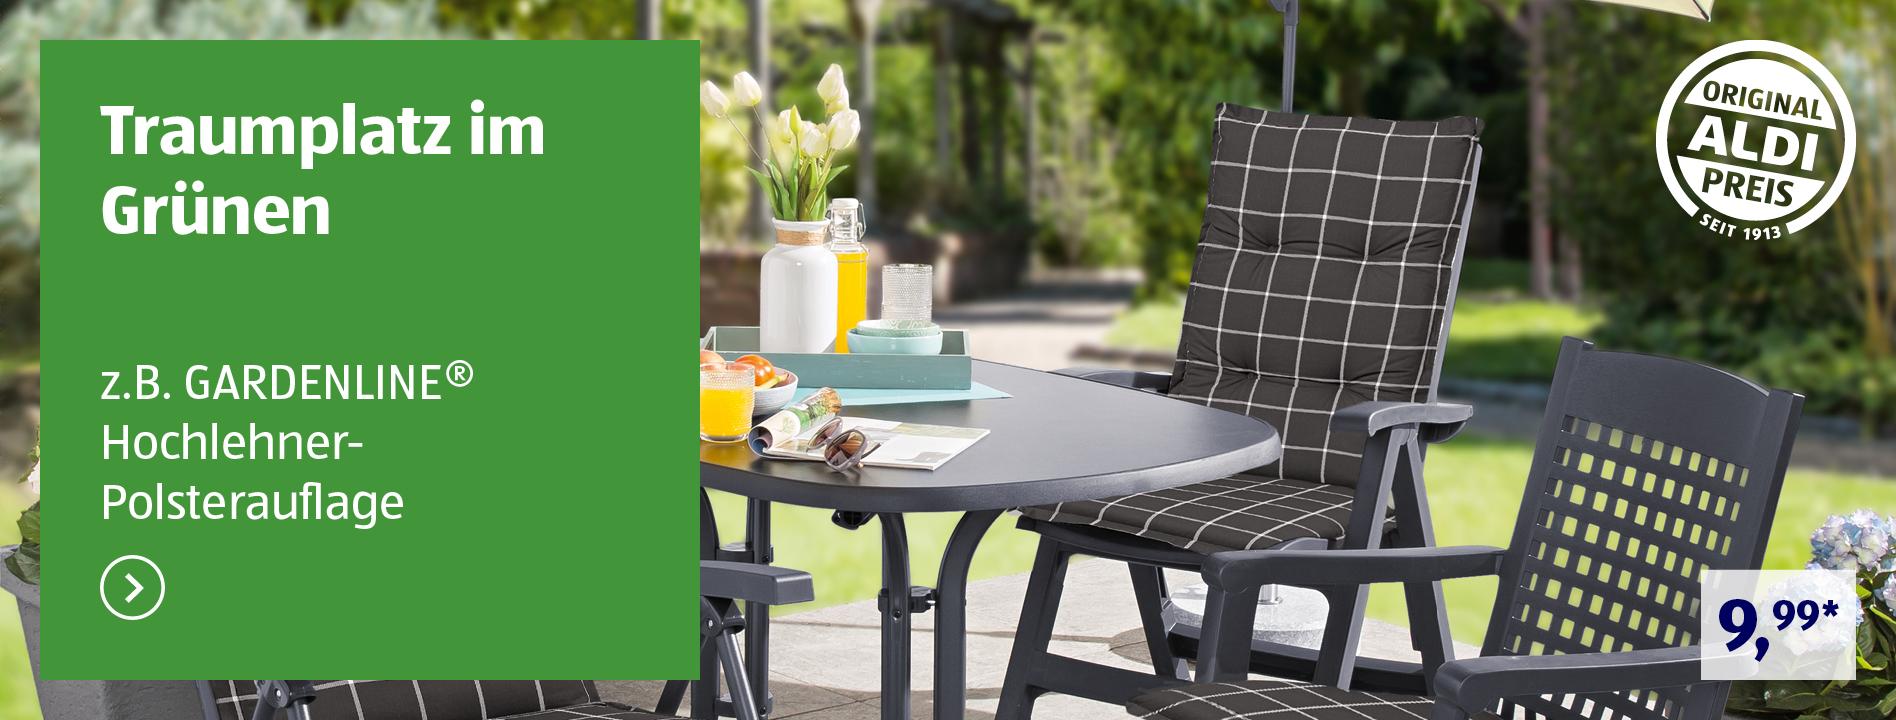 Full Size of Aldi Sd Angebote Ab Do Relaxsessel Garten Wohnzimmer Solarkugeln Aldi